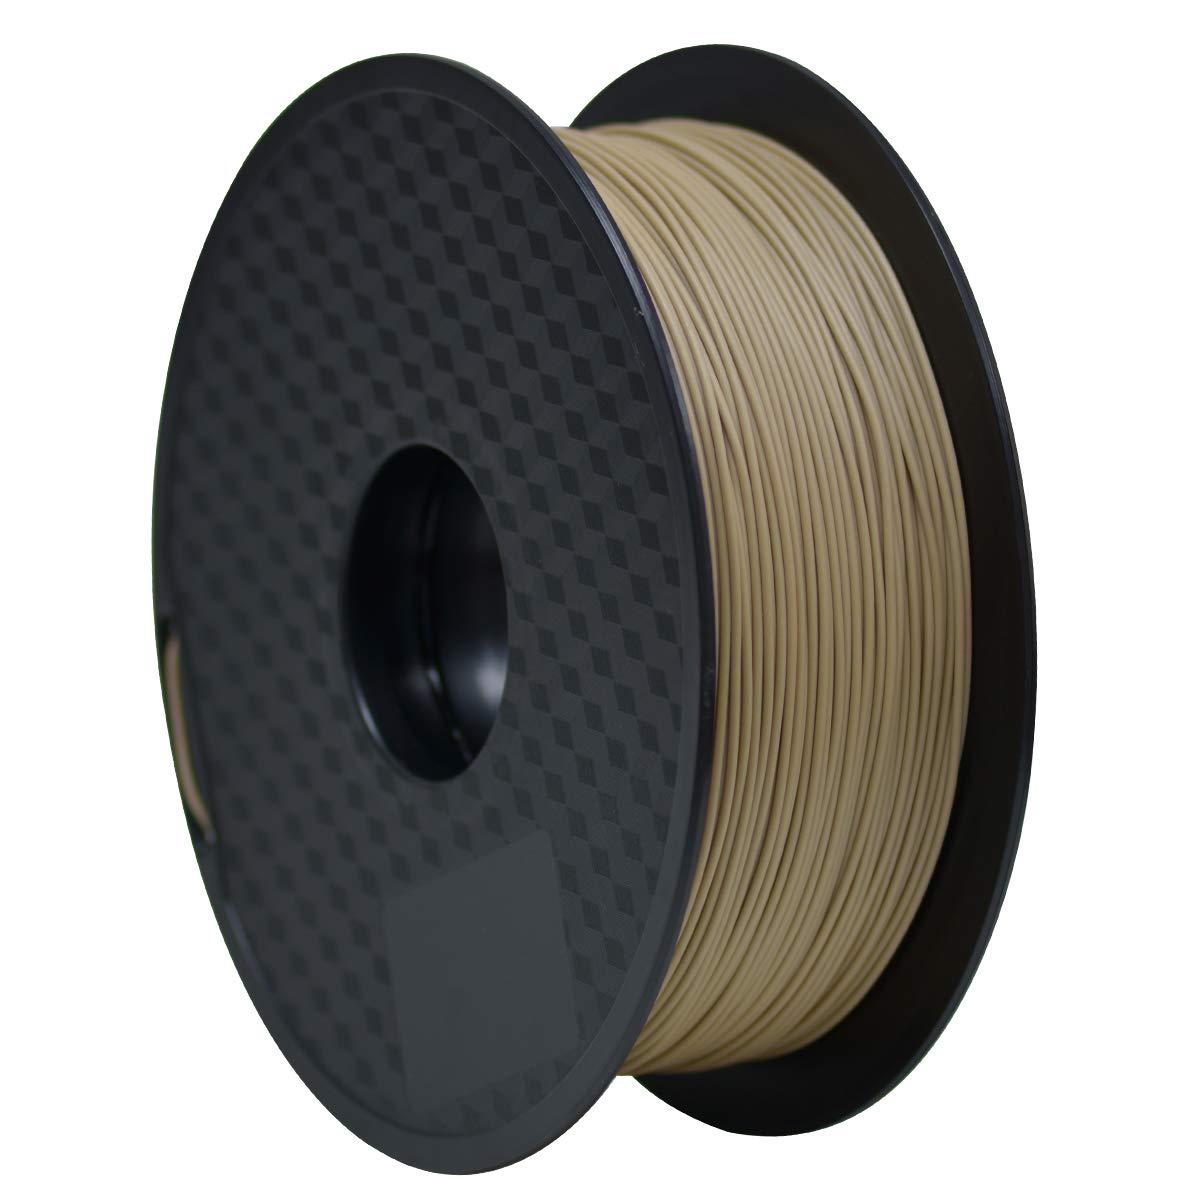 GEEETECH-Filament-PLA-175mm-Imprimante-3D-Filament-PLA-pour-Imprimante-3D-1kg-Spool-Bois